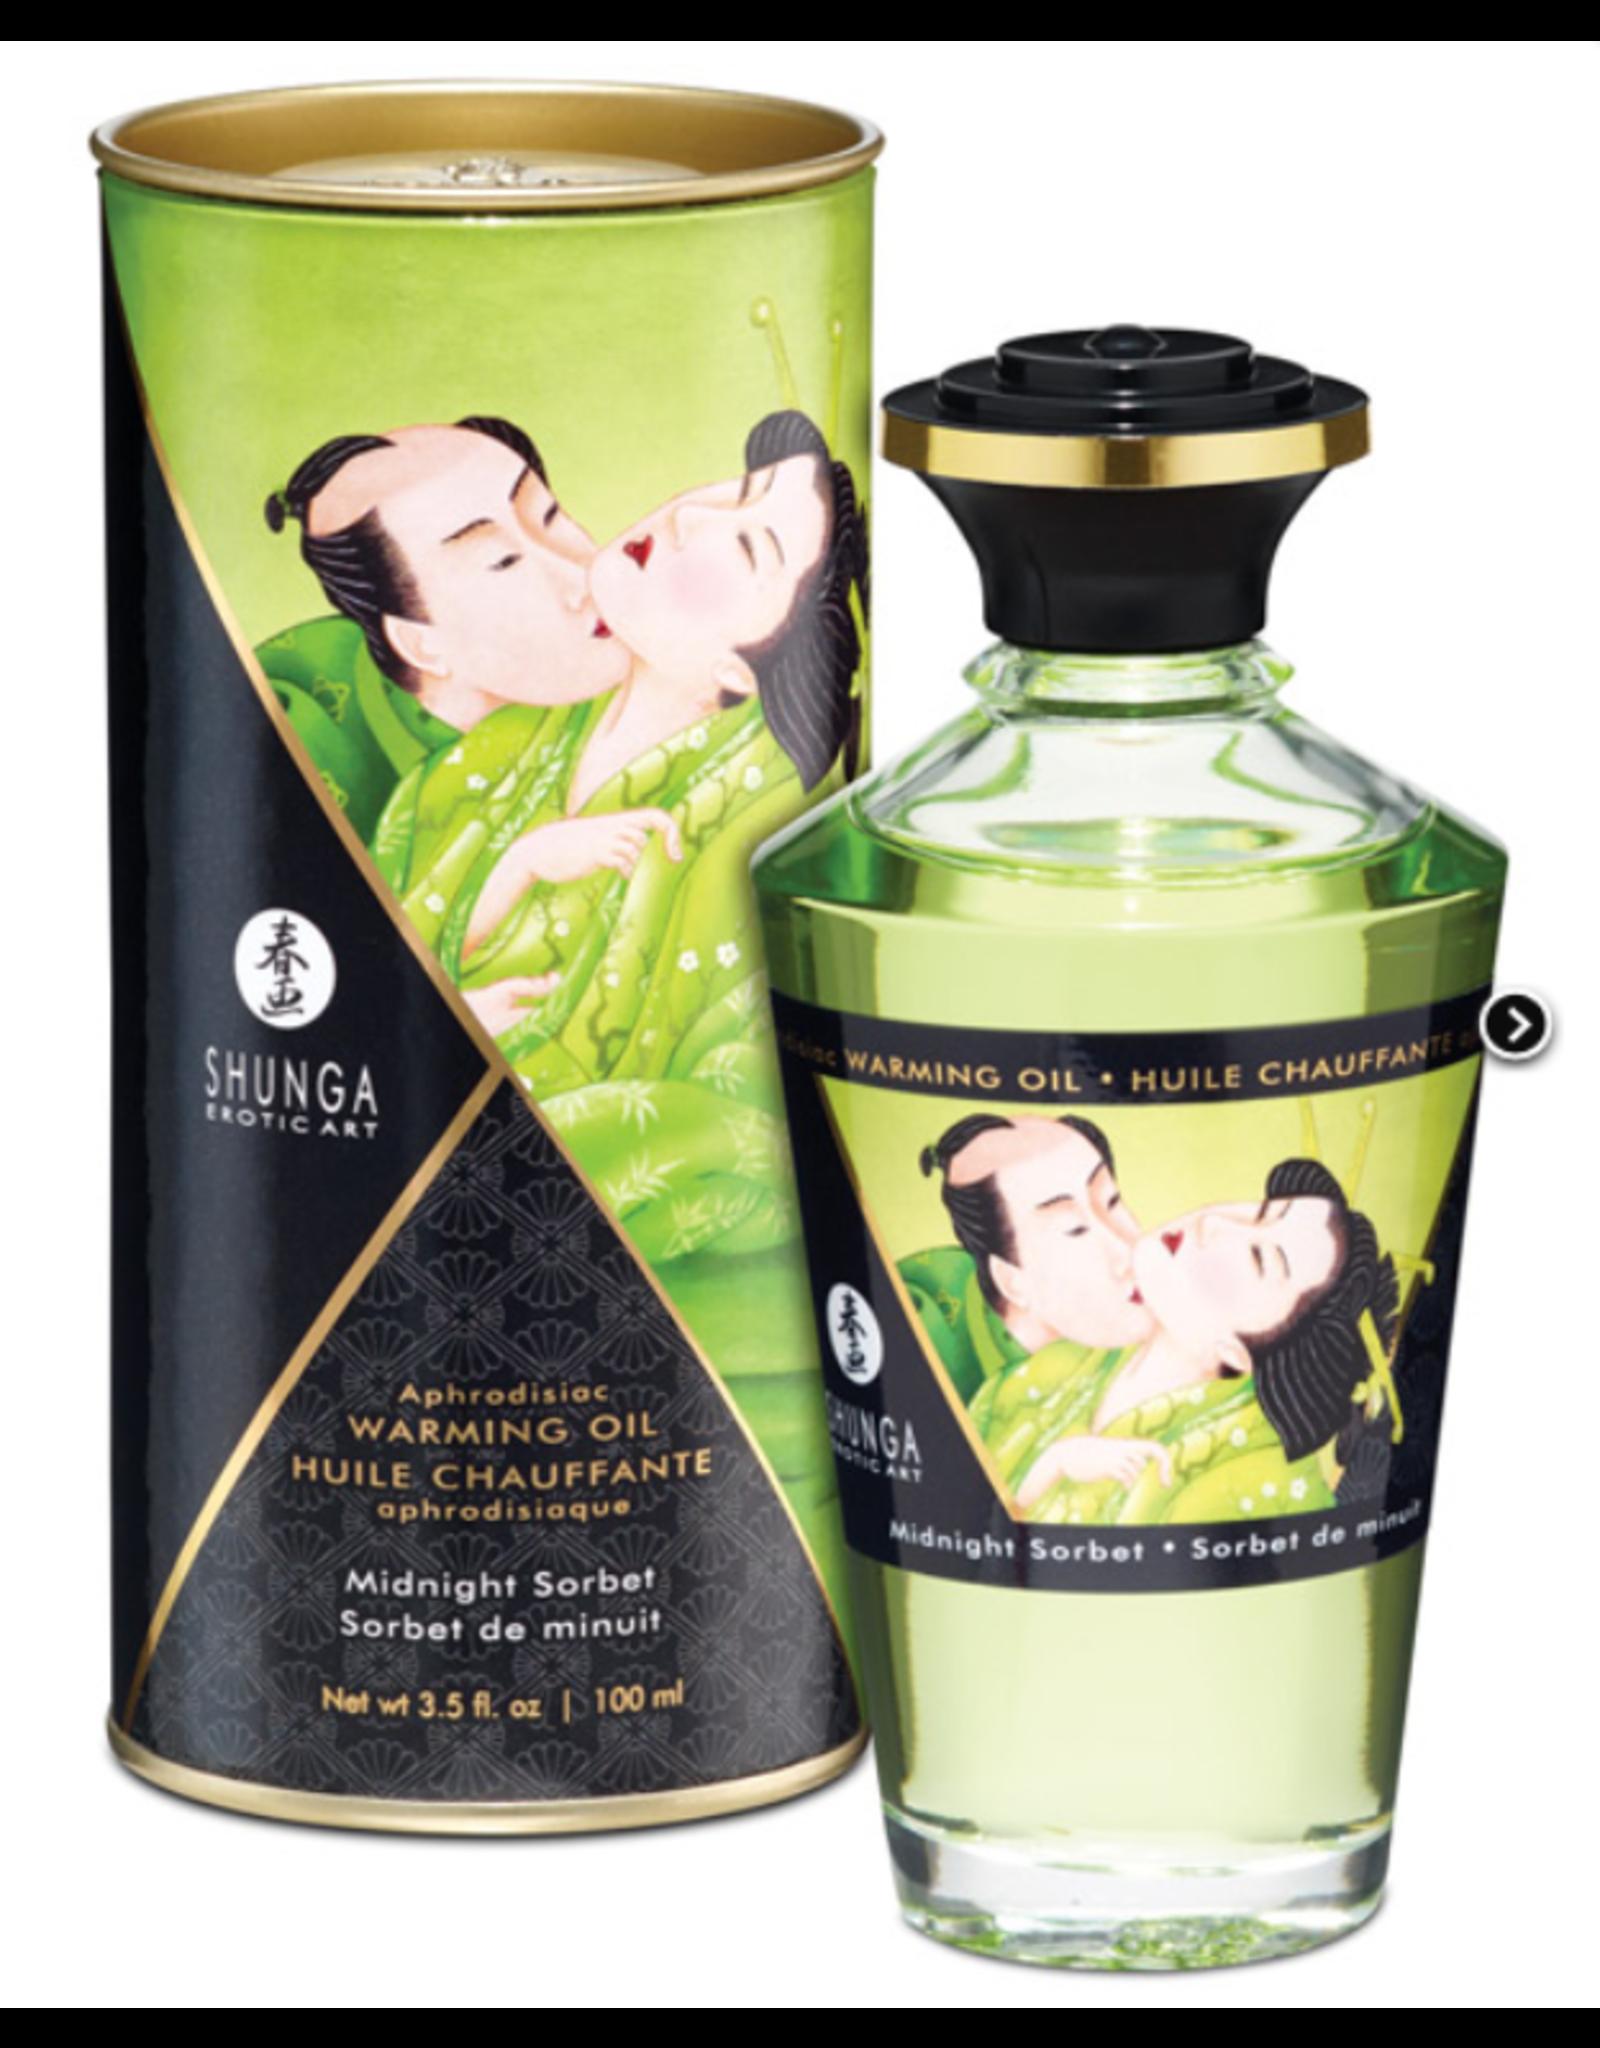 Shunga Organica Warming Oil 3.5oz Green Tea